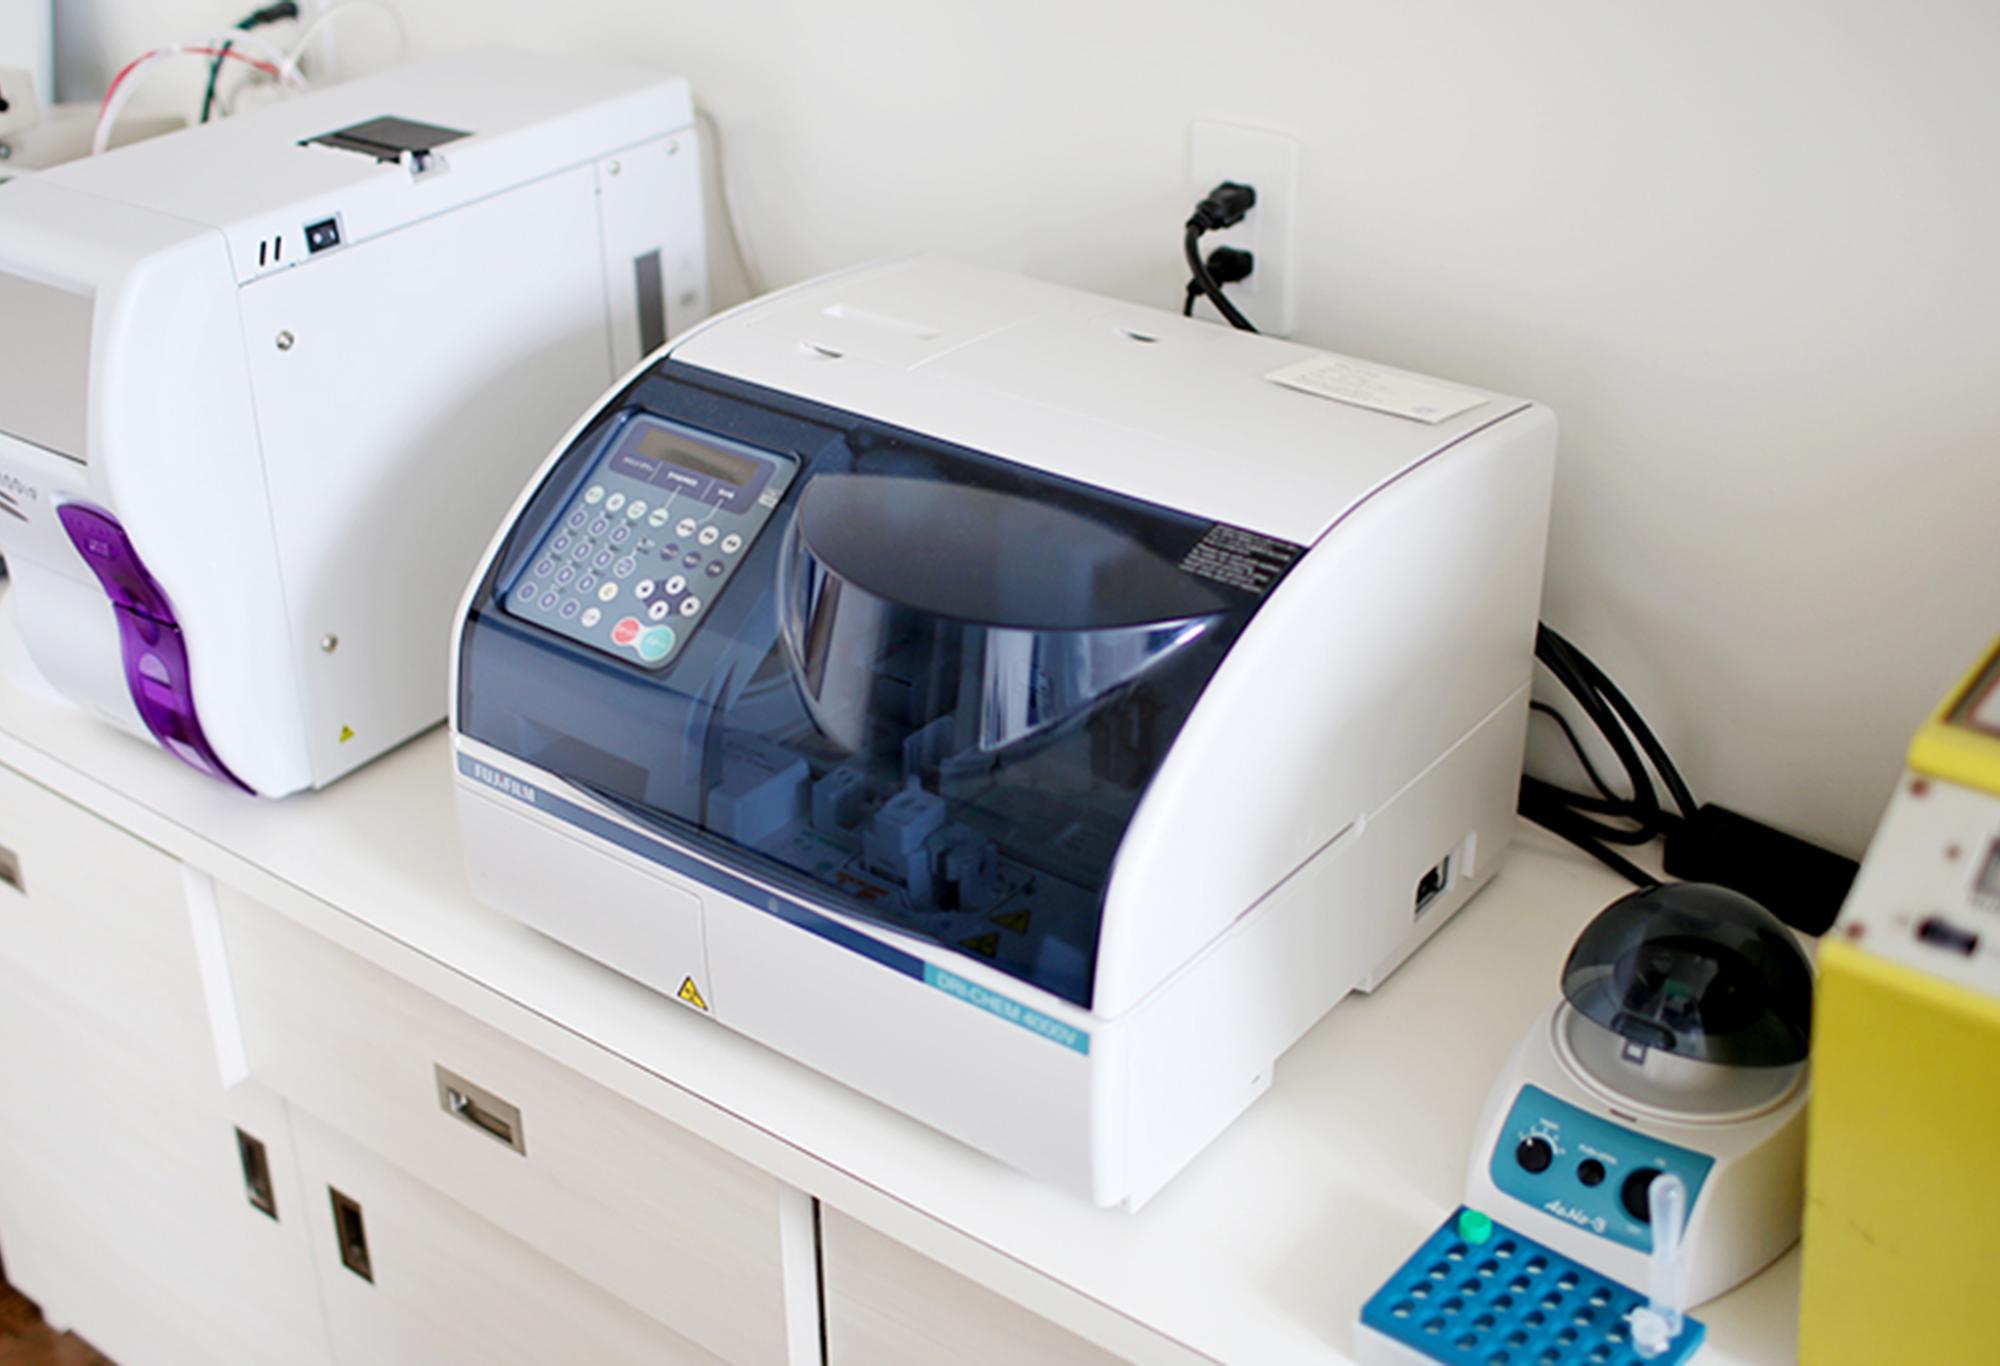 【血液生化学診断装置】<br /> 肝臓や腎臓、血糖などの状態がわかります。